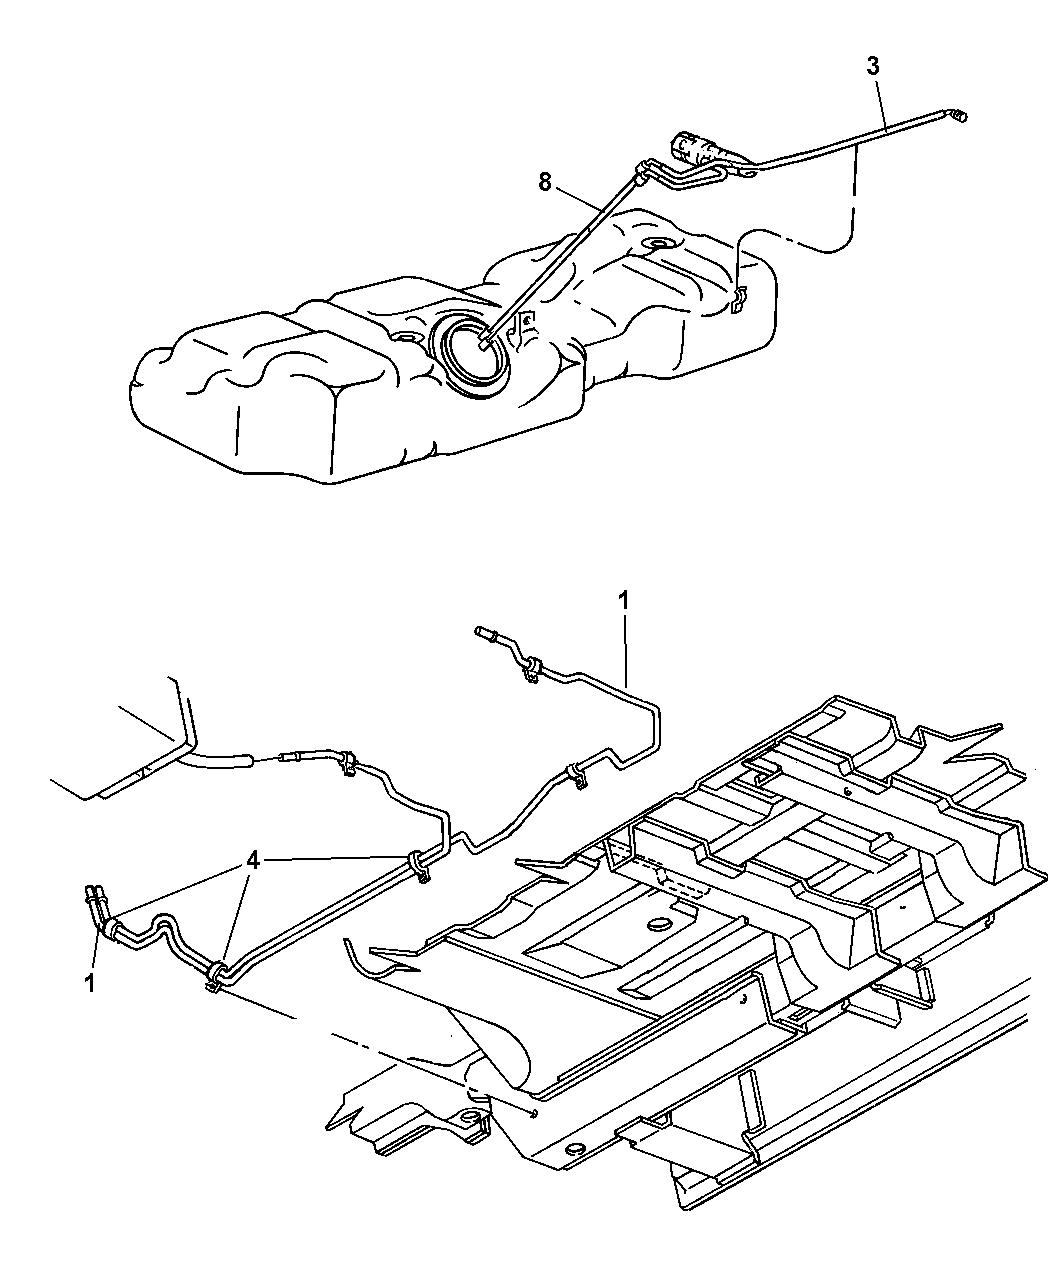 2004 Dodge Caravan Fuel Line Mopar Parts Giant Engine Schematics